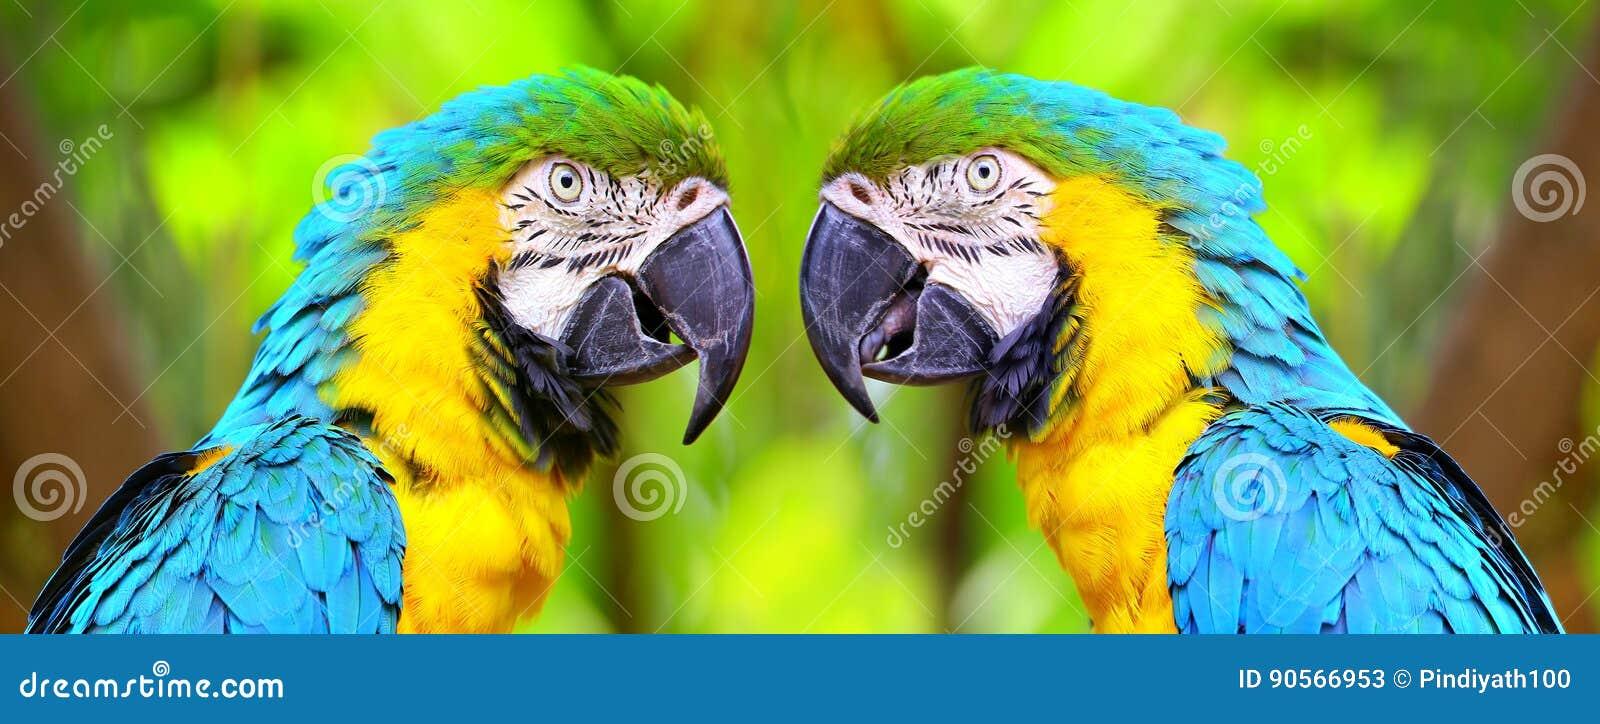 Die blauen und gelben Keilschwanzsittichvögel